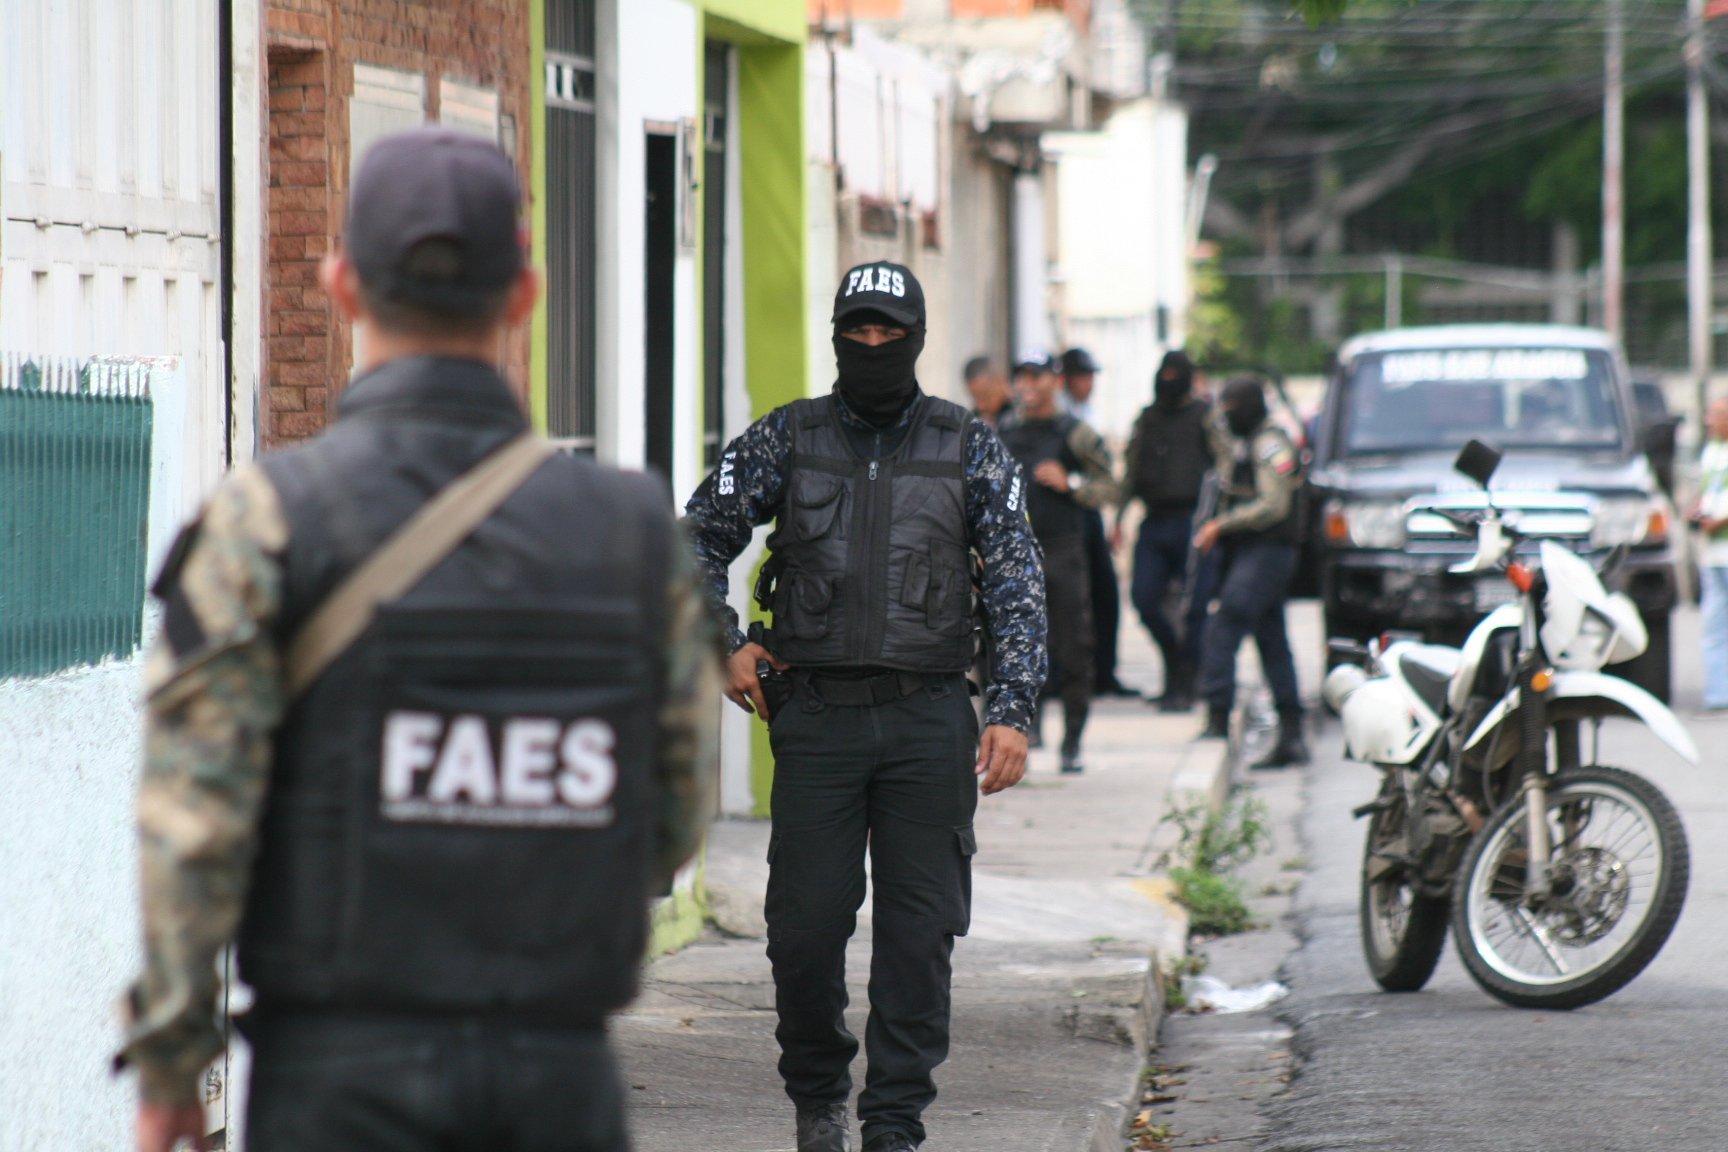 FAES cometieron 70% de las ejecuciones extrajudiciales en Caracas hasta noviembre de 2019